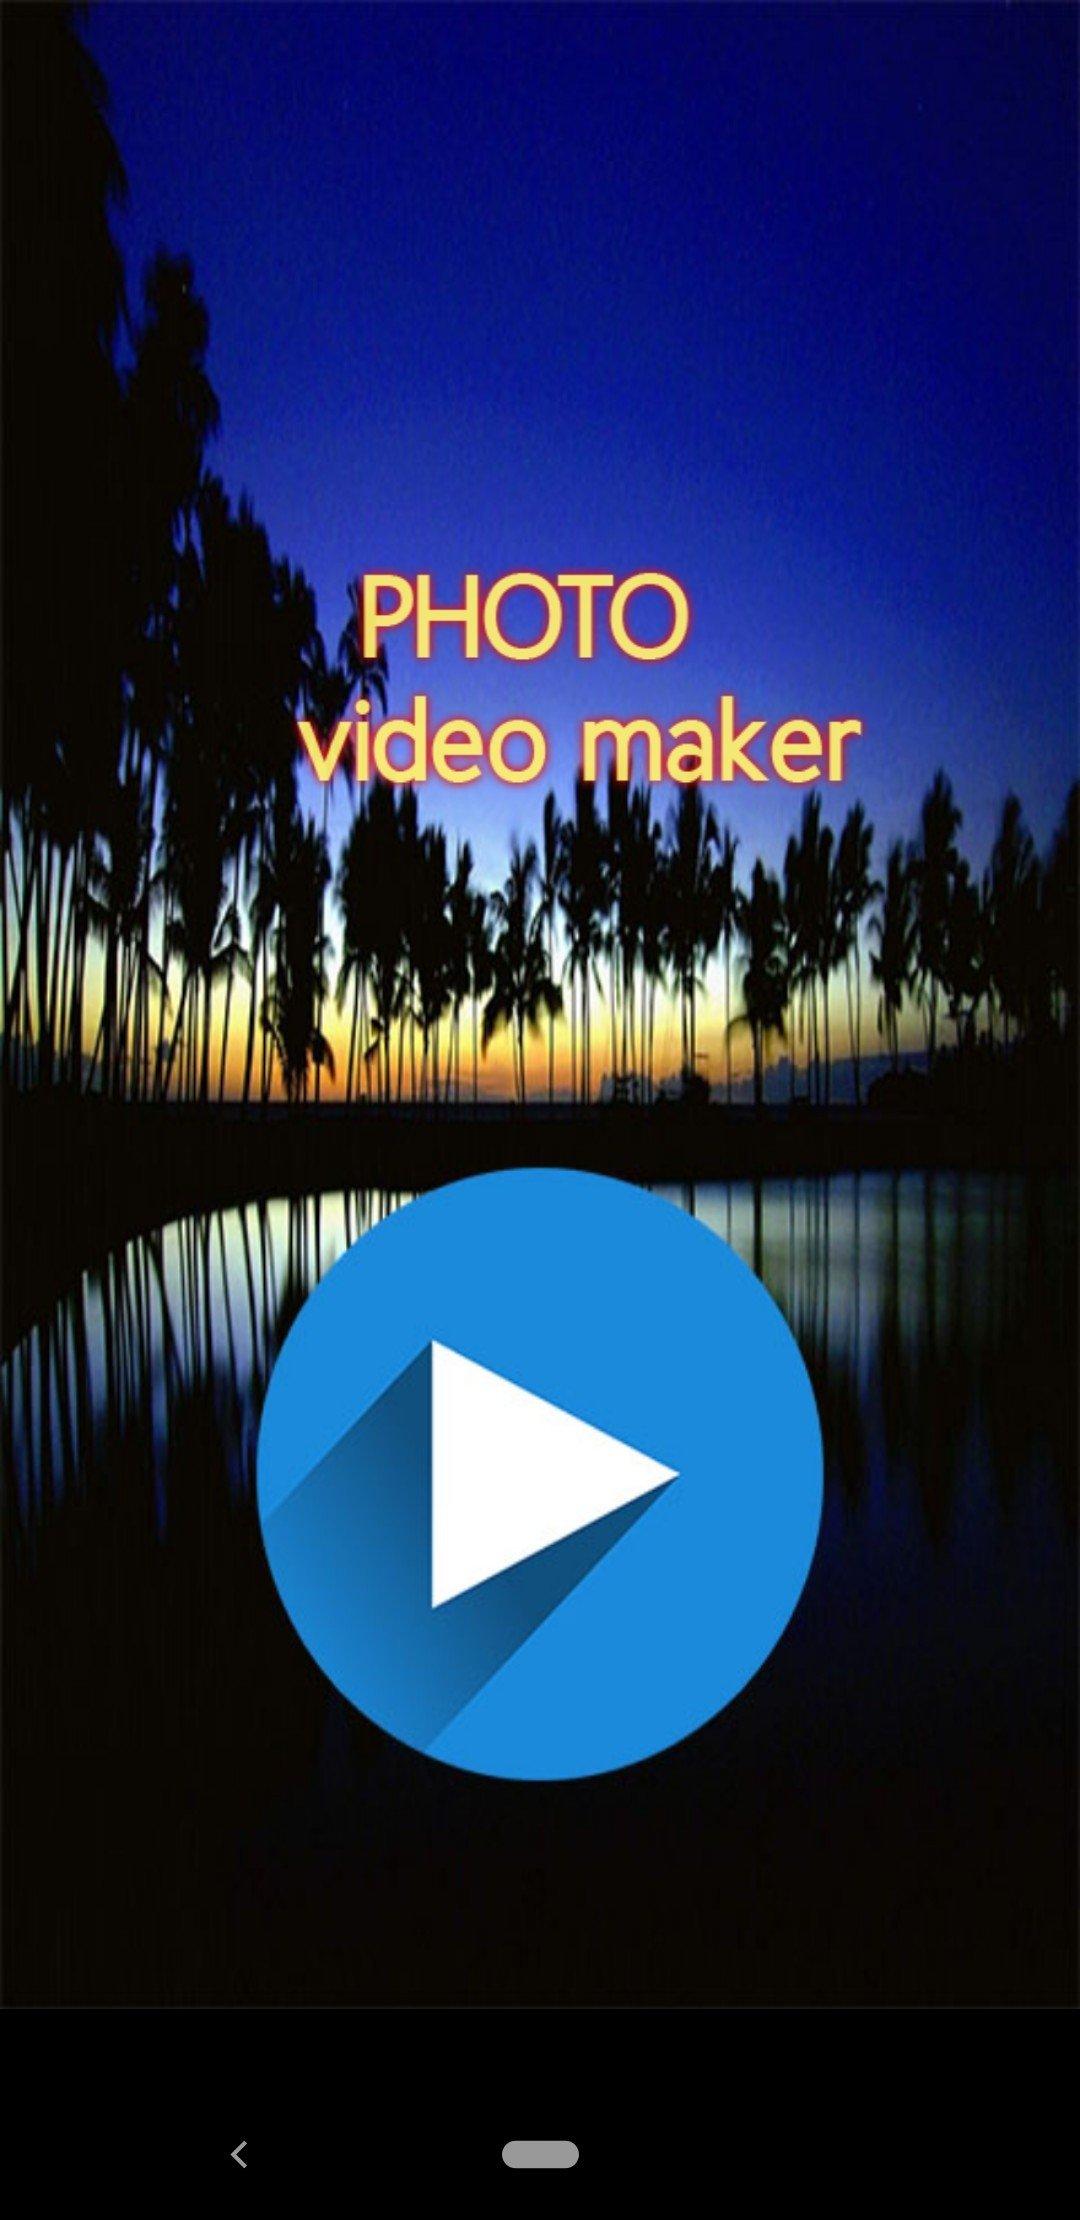 Photo éditeur vidéo Android image 6